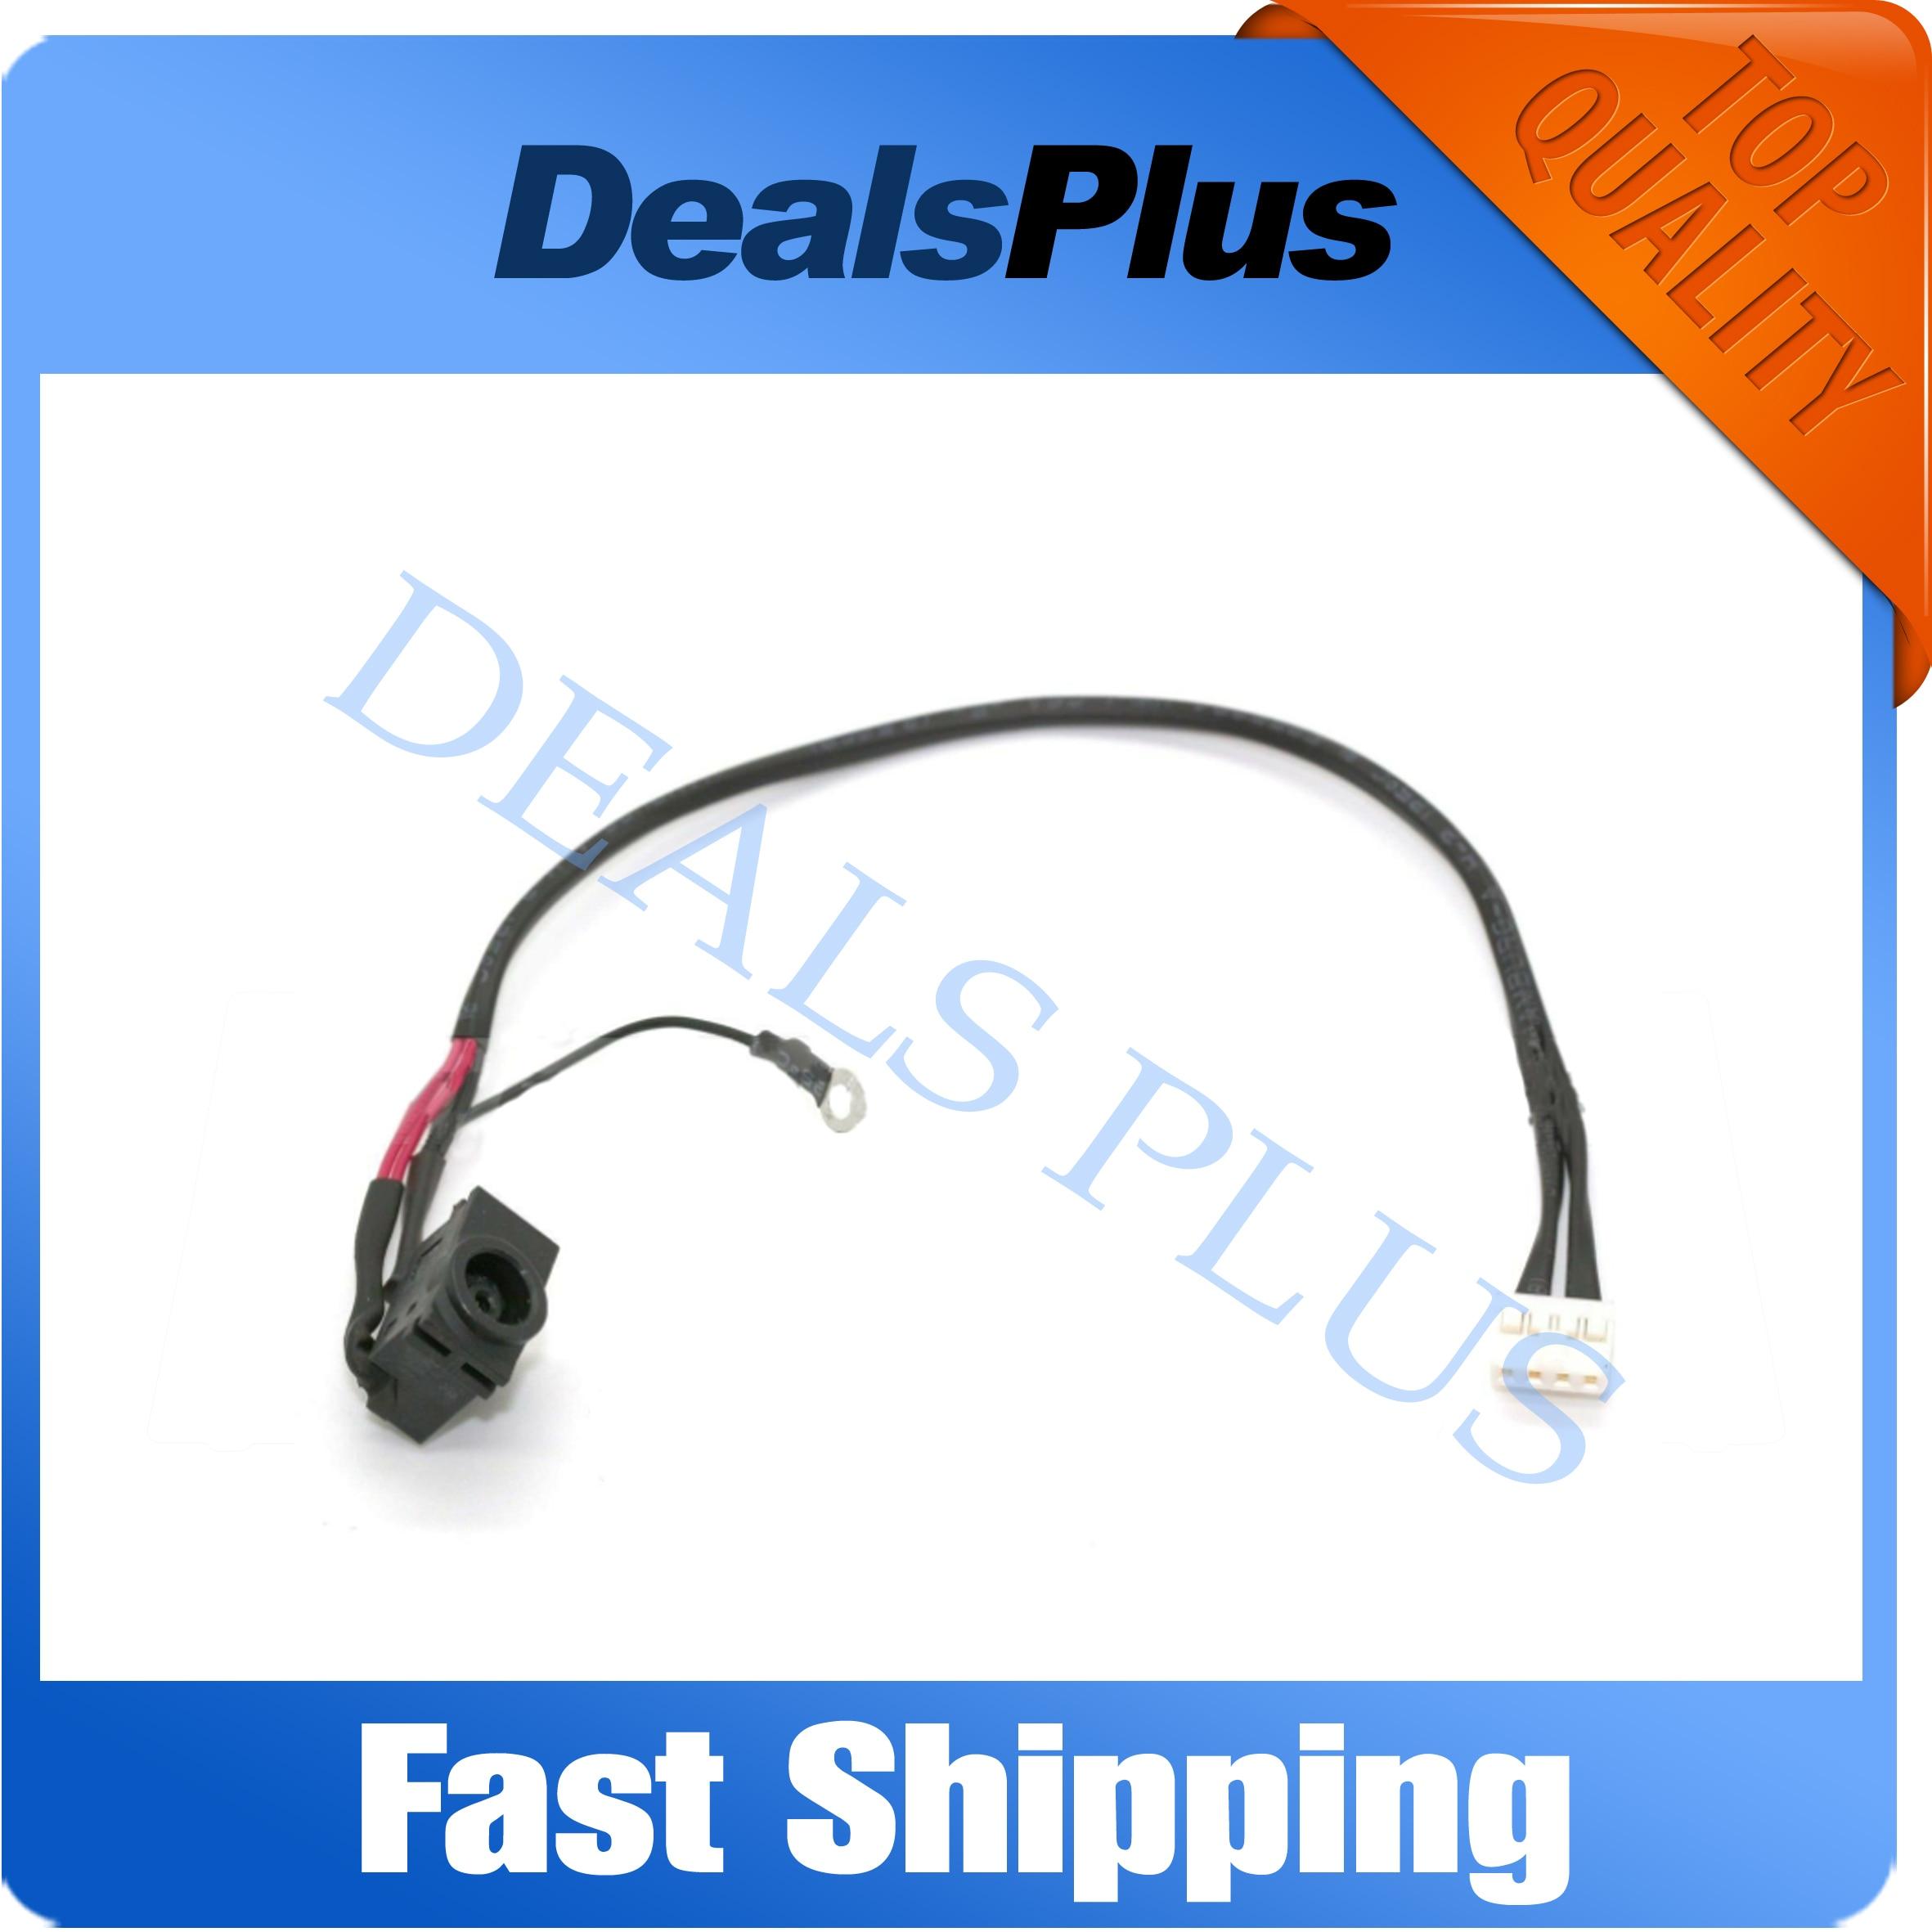 Nuevo conector Jack DC con Cable para Samsung NP-R518 NP-R519 NP-R520 NP-R522